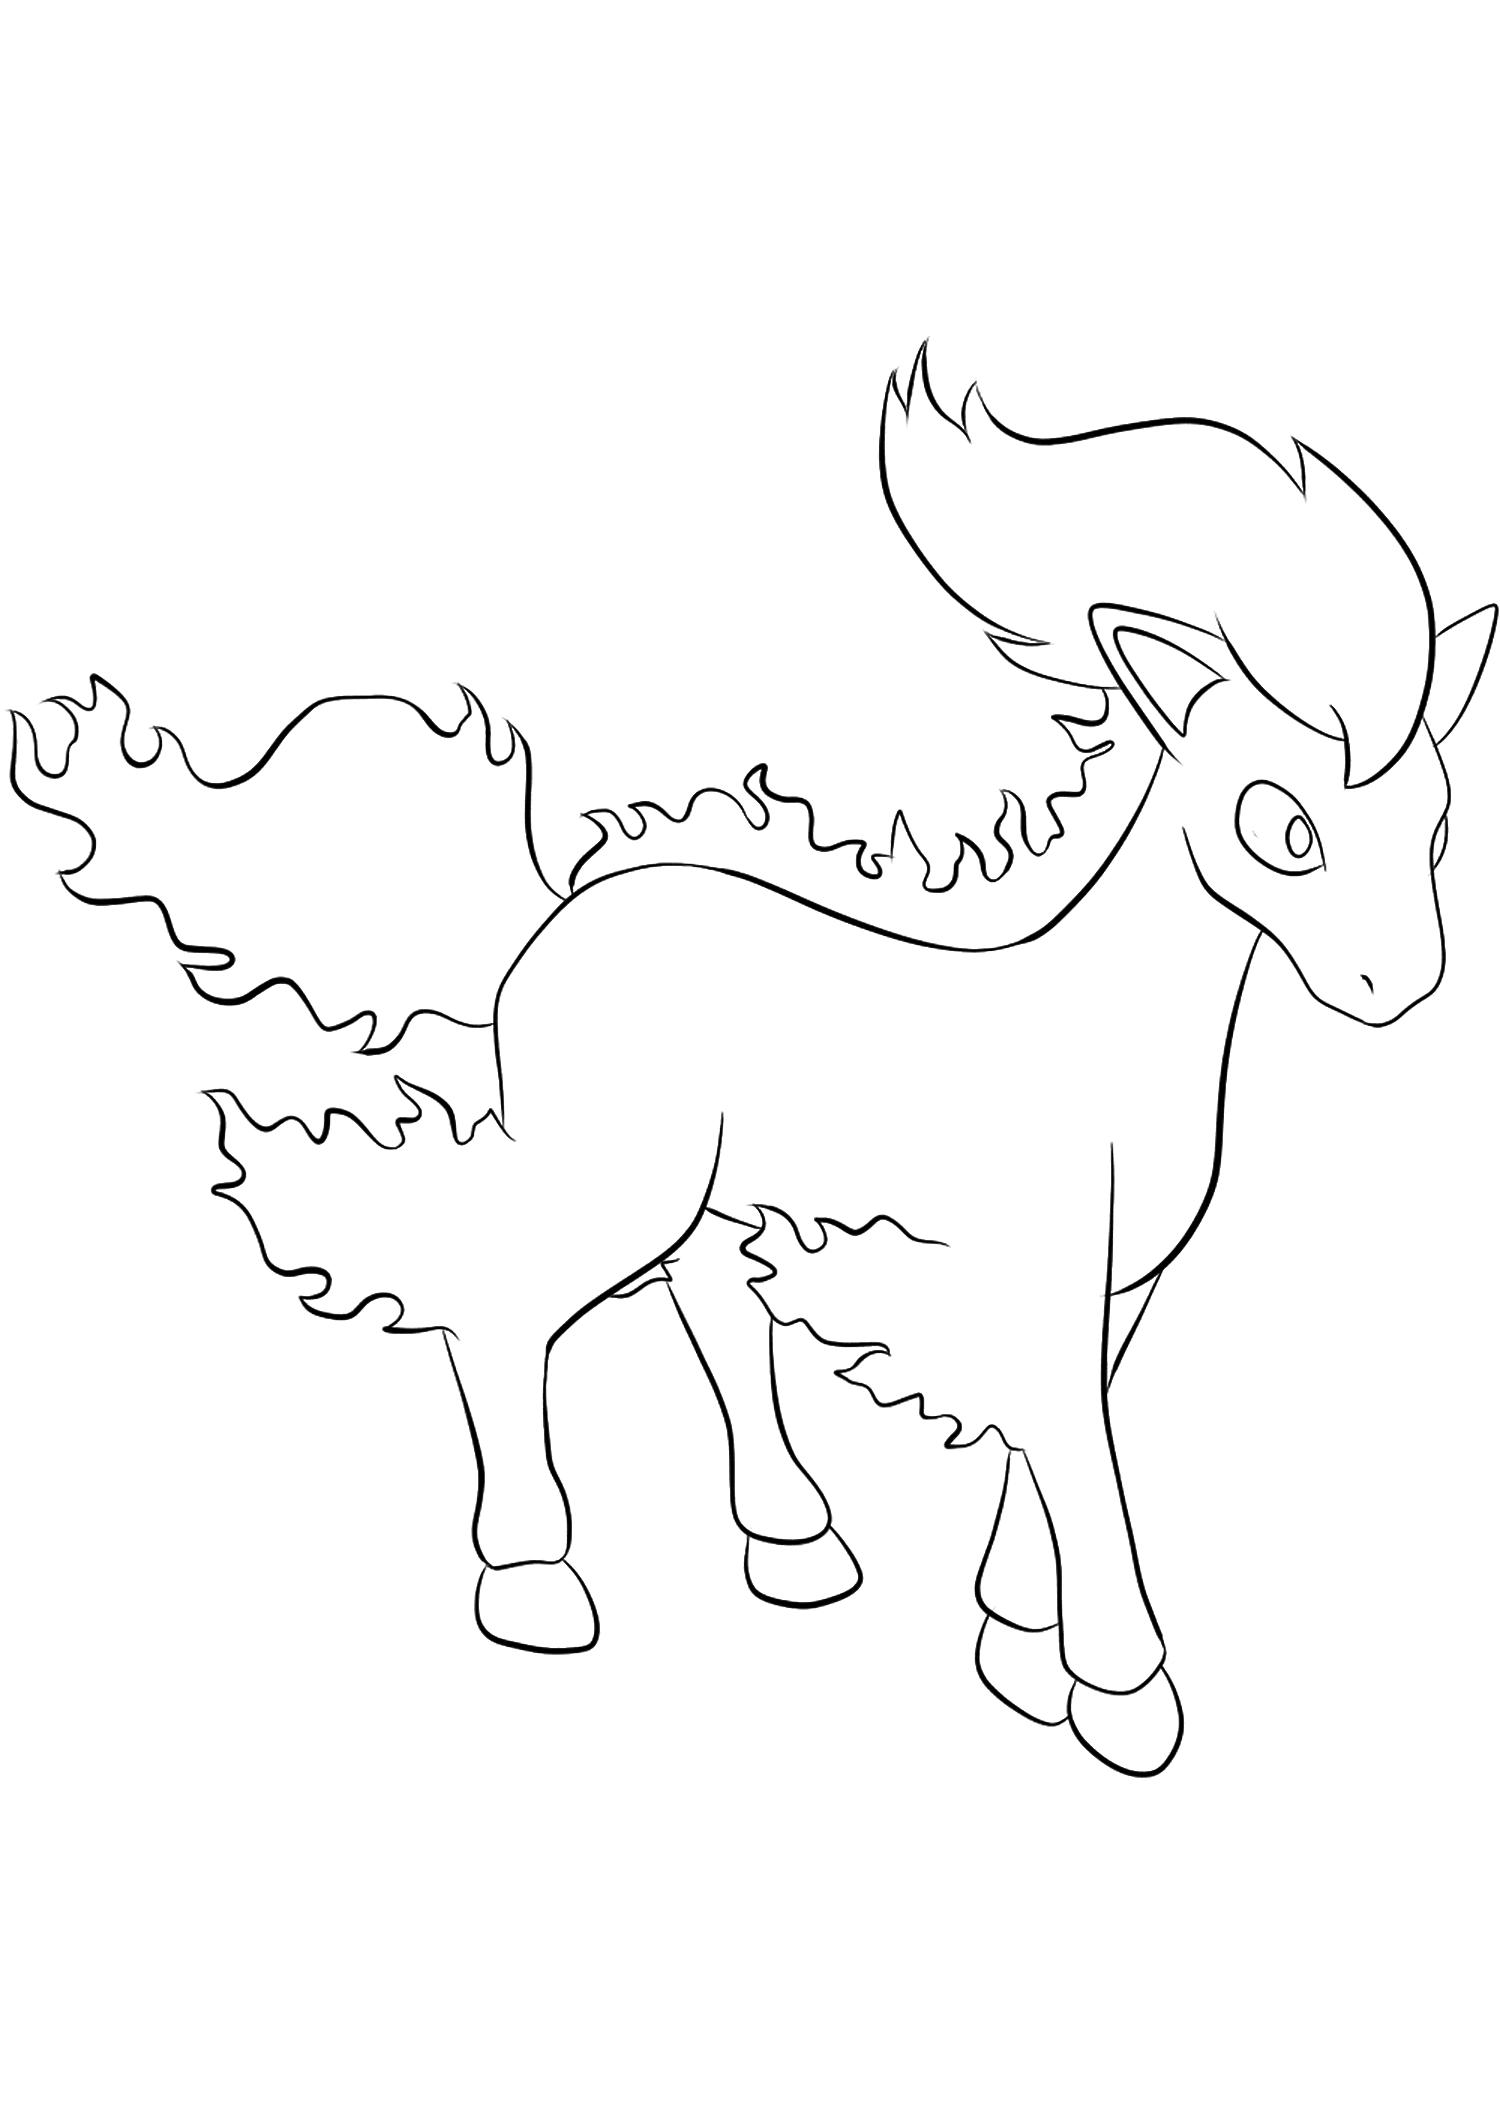 <b>Ponyta</b> (No.77) : Pokémon de génération I